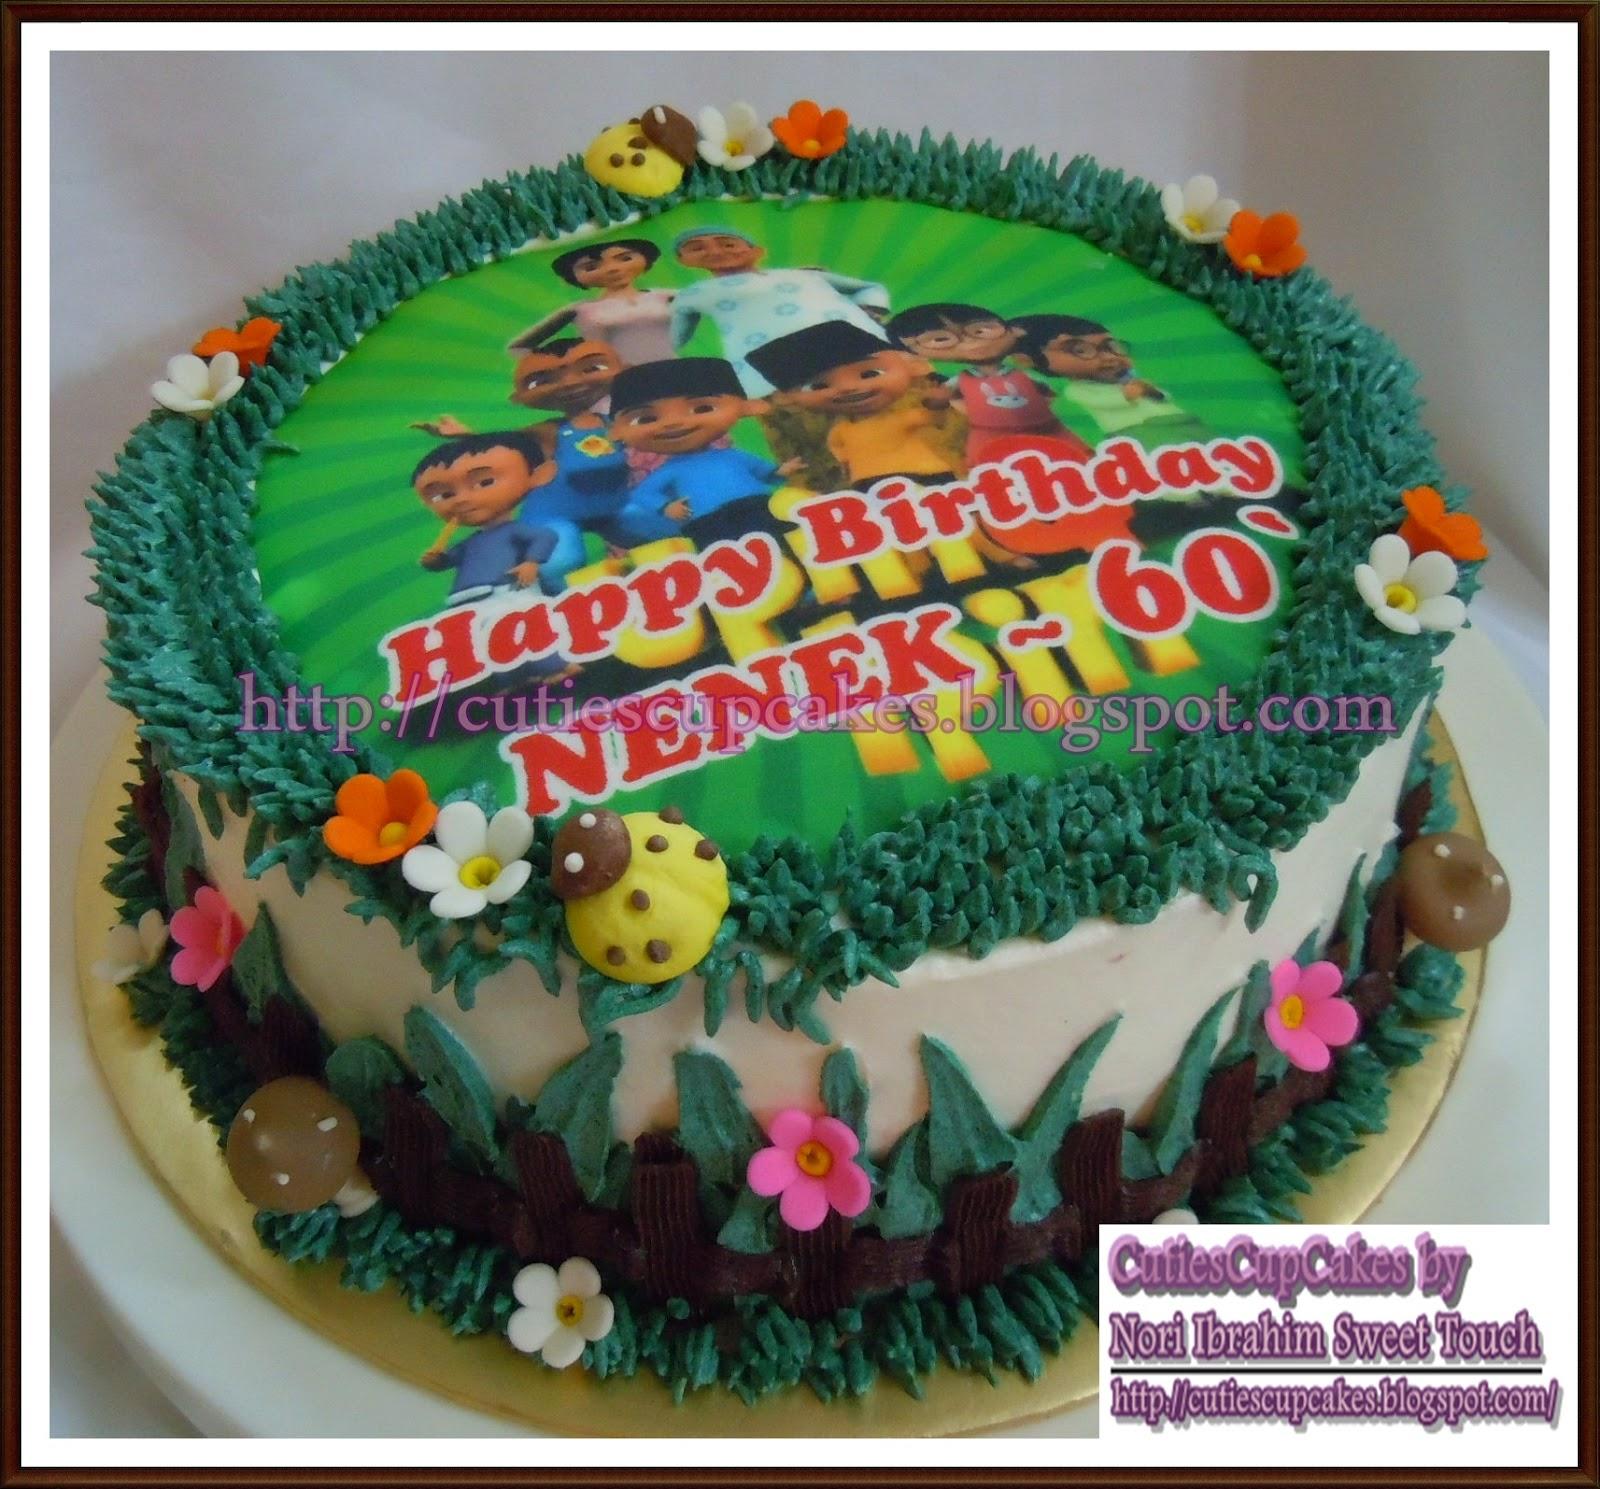 Nori Ibrahim Sweet Touch: Upin Ipin Birthday Cake